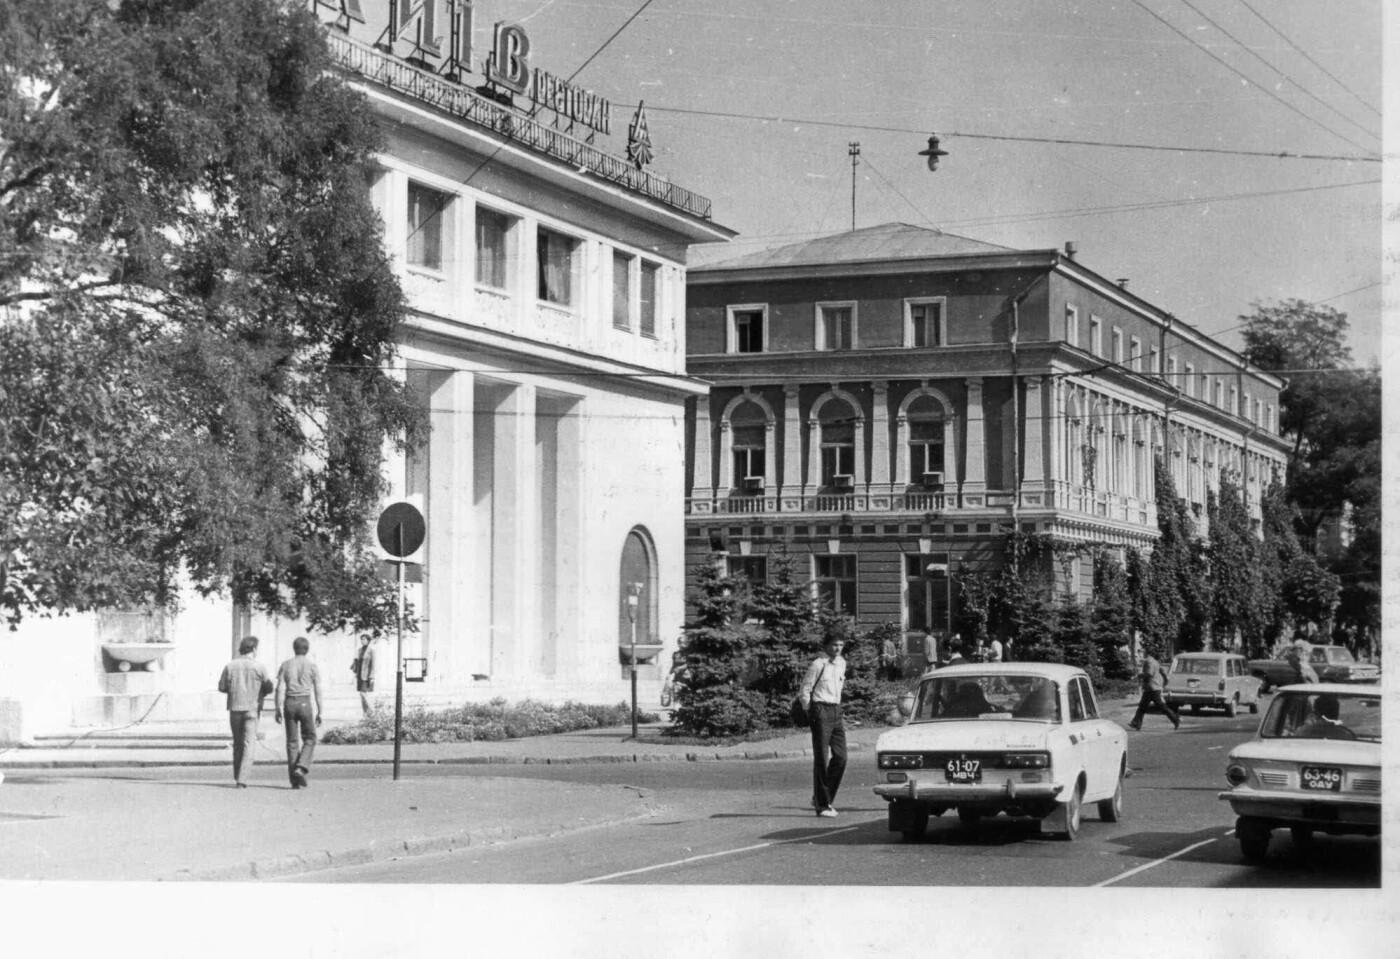 Старая Одесса: подборка атмосферных кадров, сделанных много лет назад, - ФОТО, фото-1